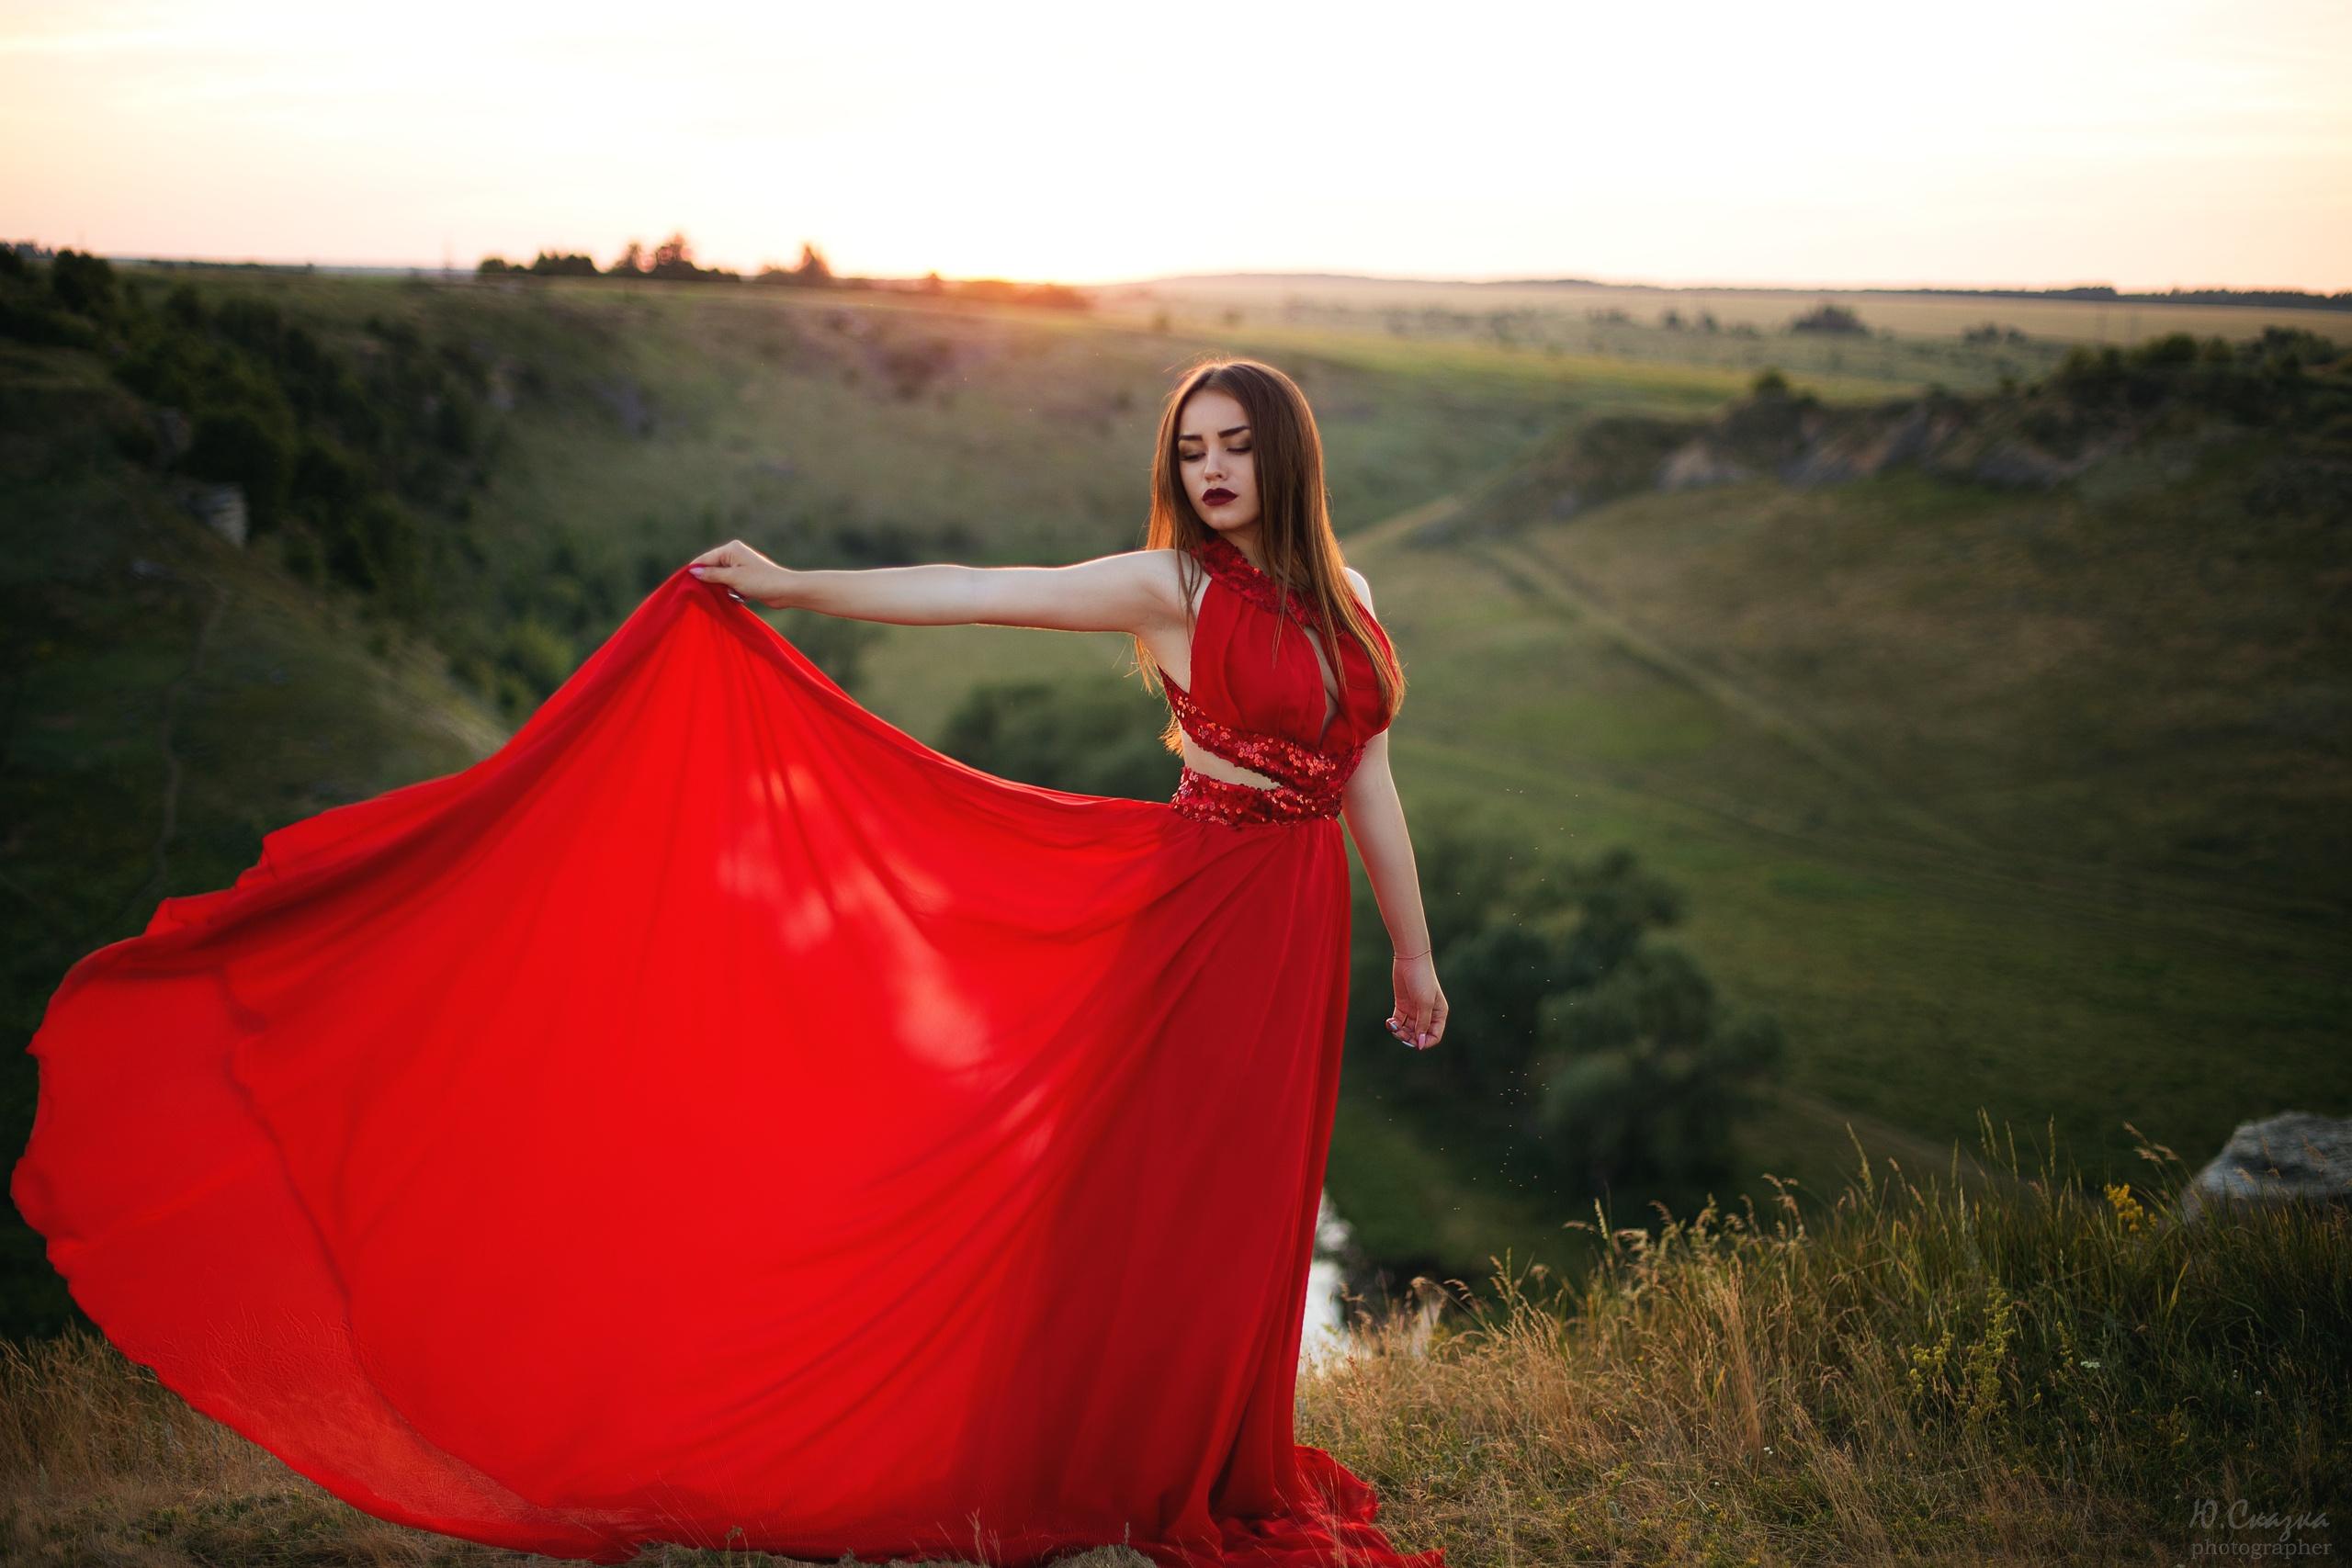 этими проблемами девушка танцует в красном платье на природе предоставляется